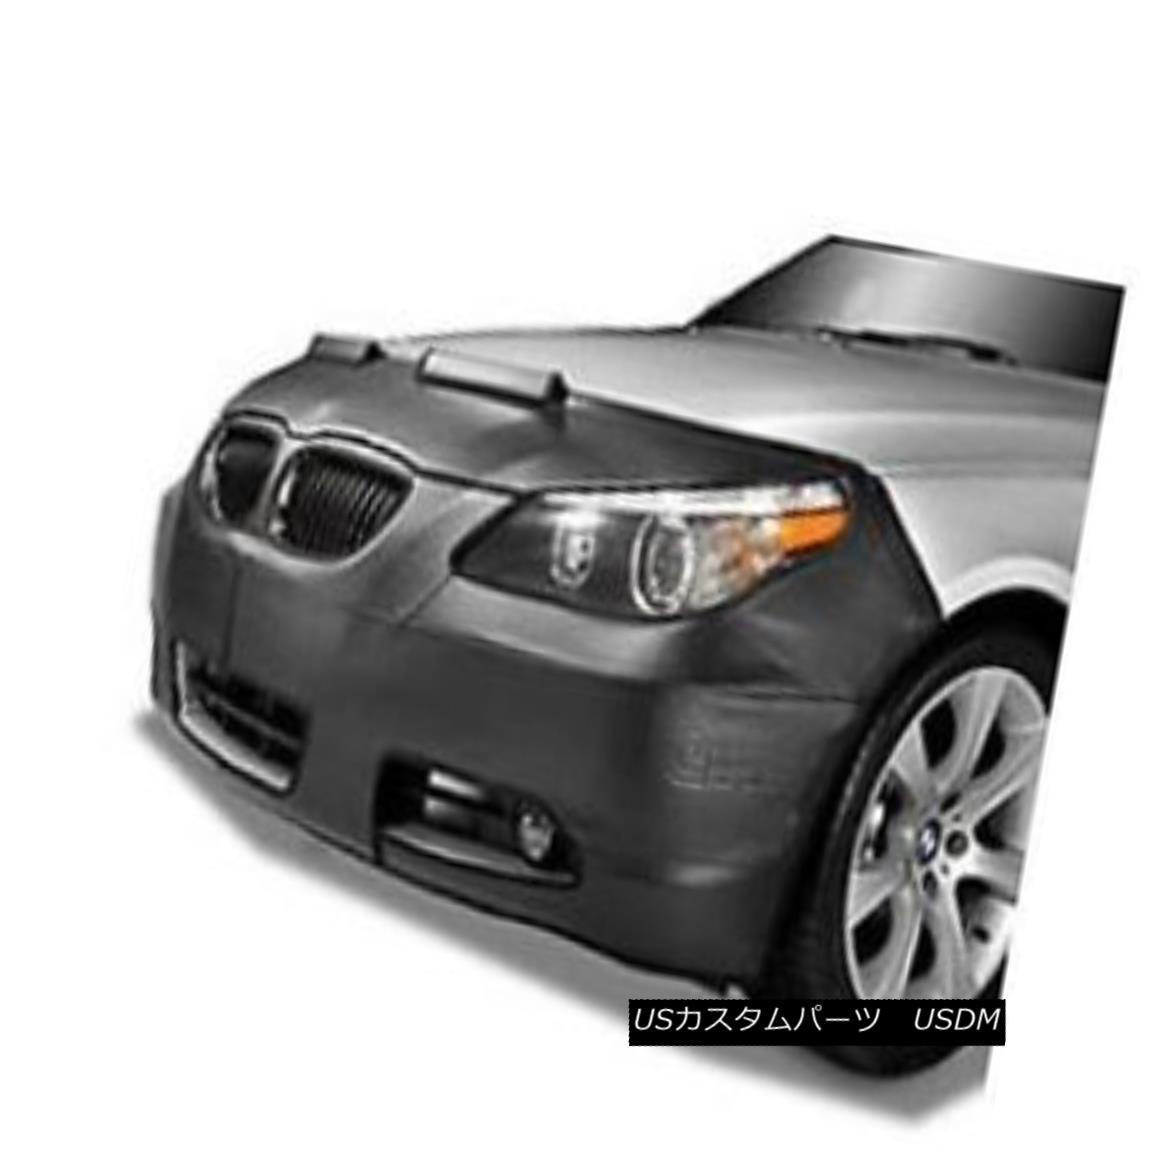 フルブラ ノーズブラ Colgan Front End Mask Bra 2pc. Fits Mercedes Benz E320 2009 W/TAG, W/Sensors コルガンフロントエンドマスクブラ2pc Mercedes Benz E320 2009 W / TAG、W / Sensorに適合